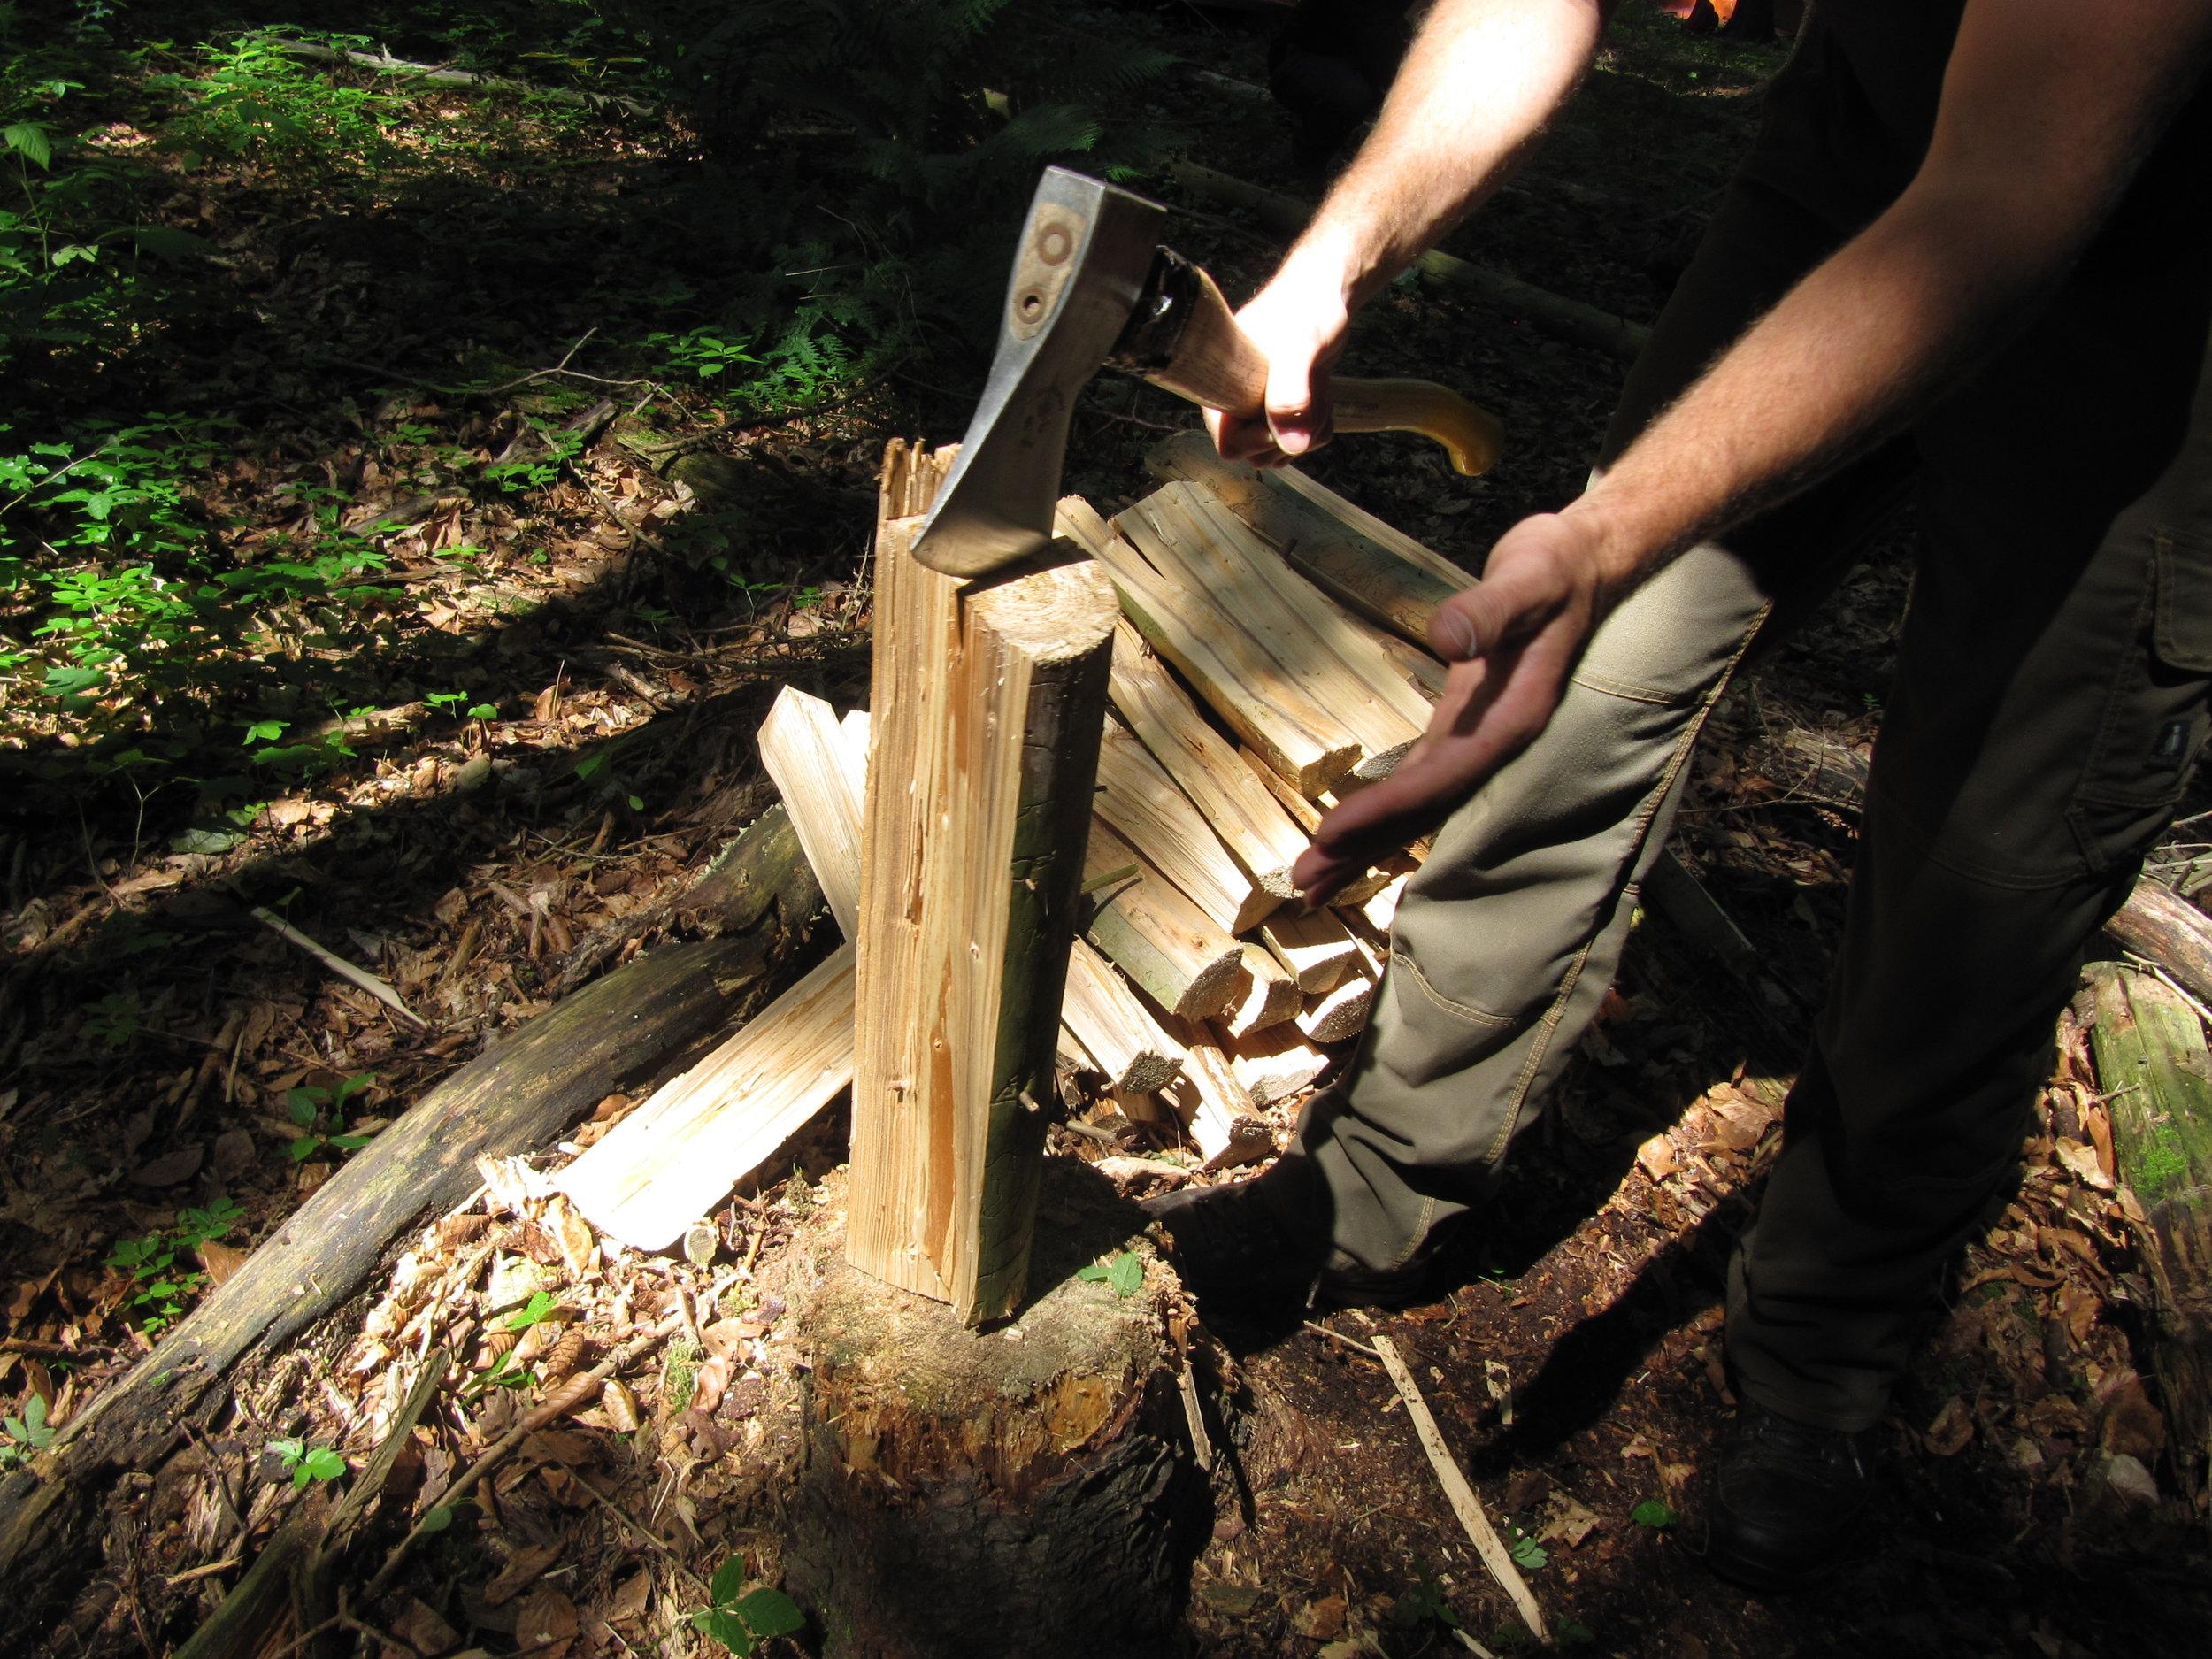 Holz spalten beim Bushcraft